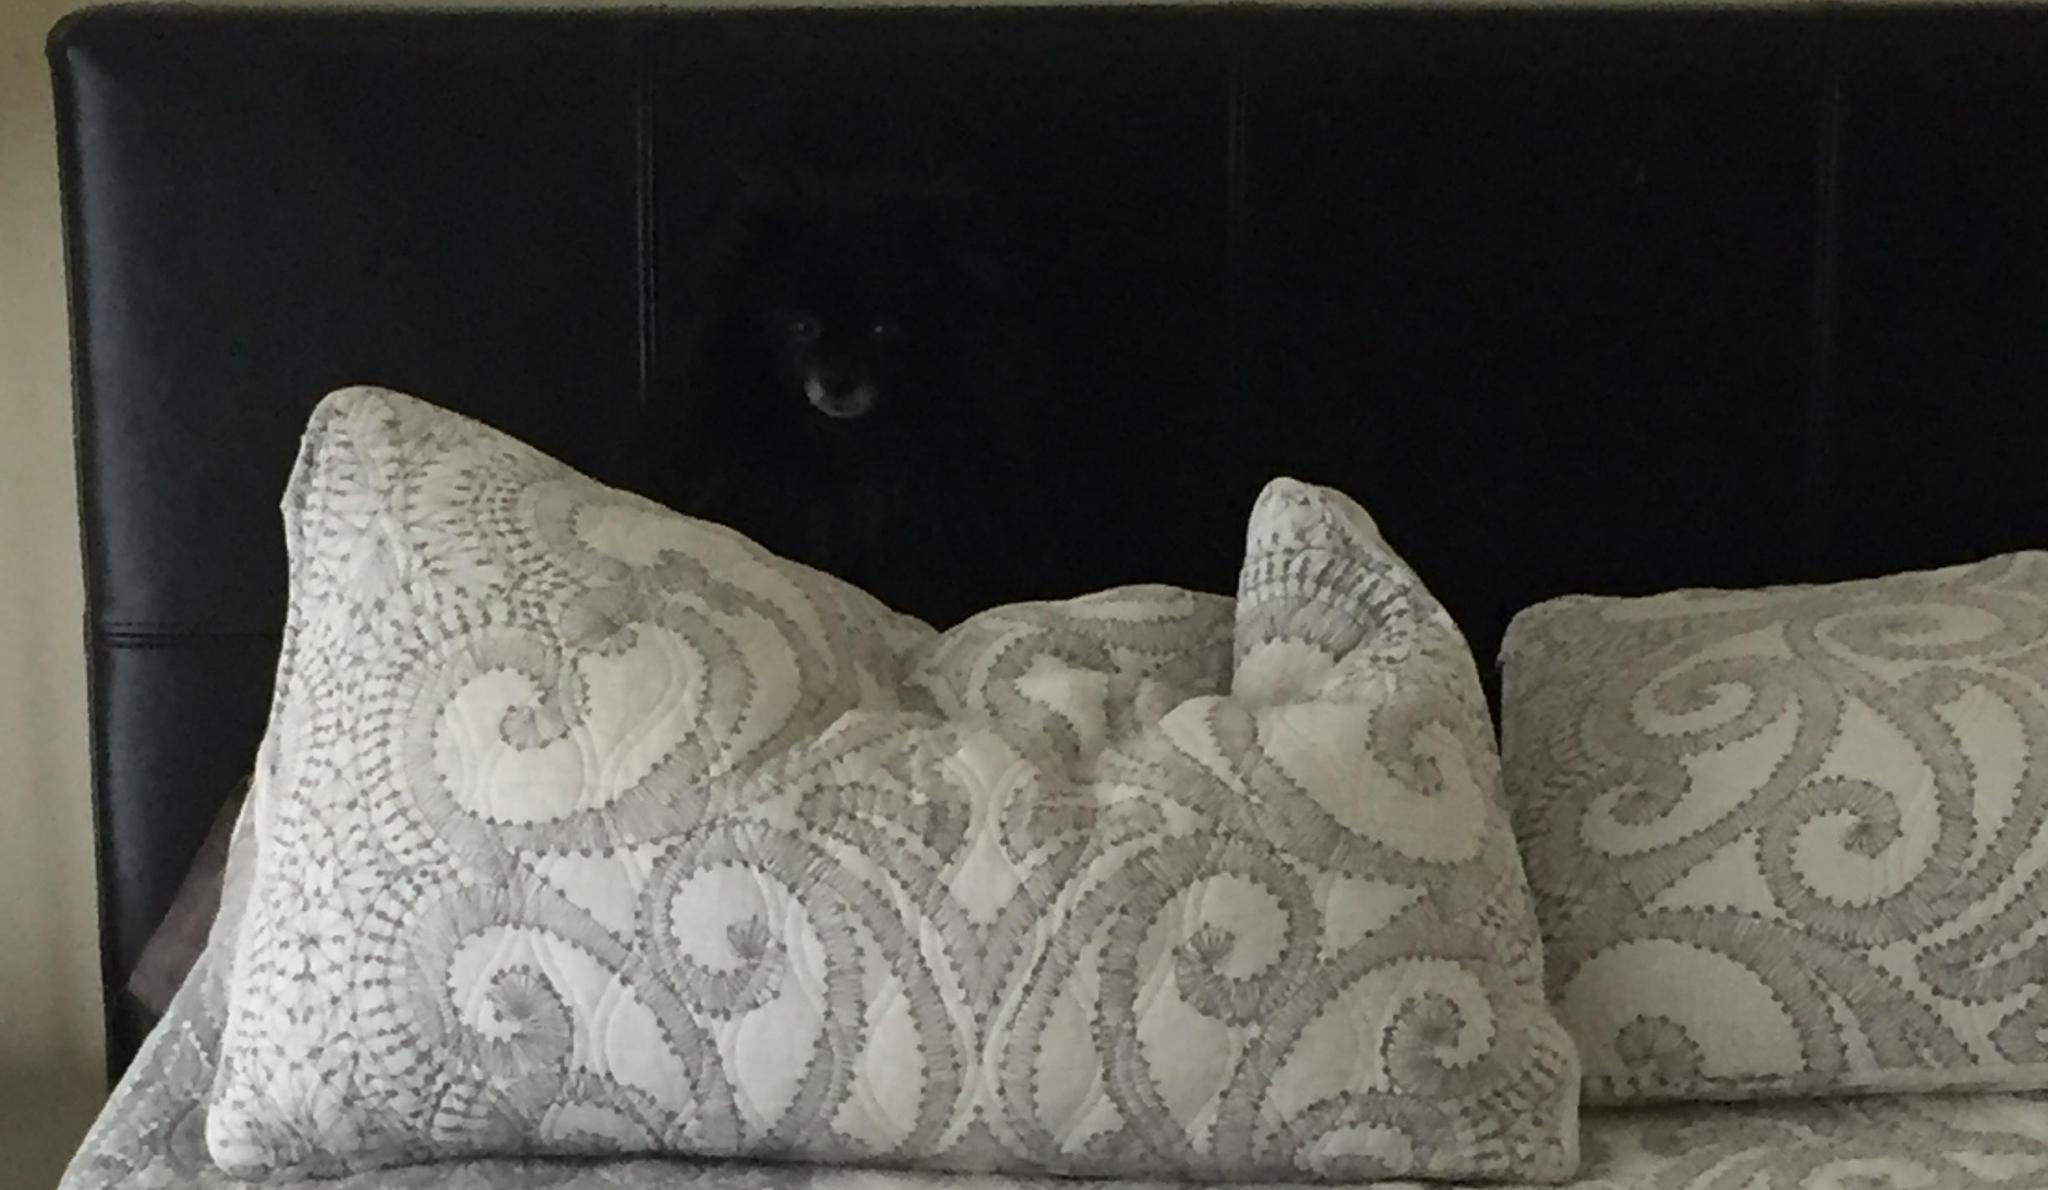 Suchbild: Wer findet das versteckte Tier?